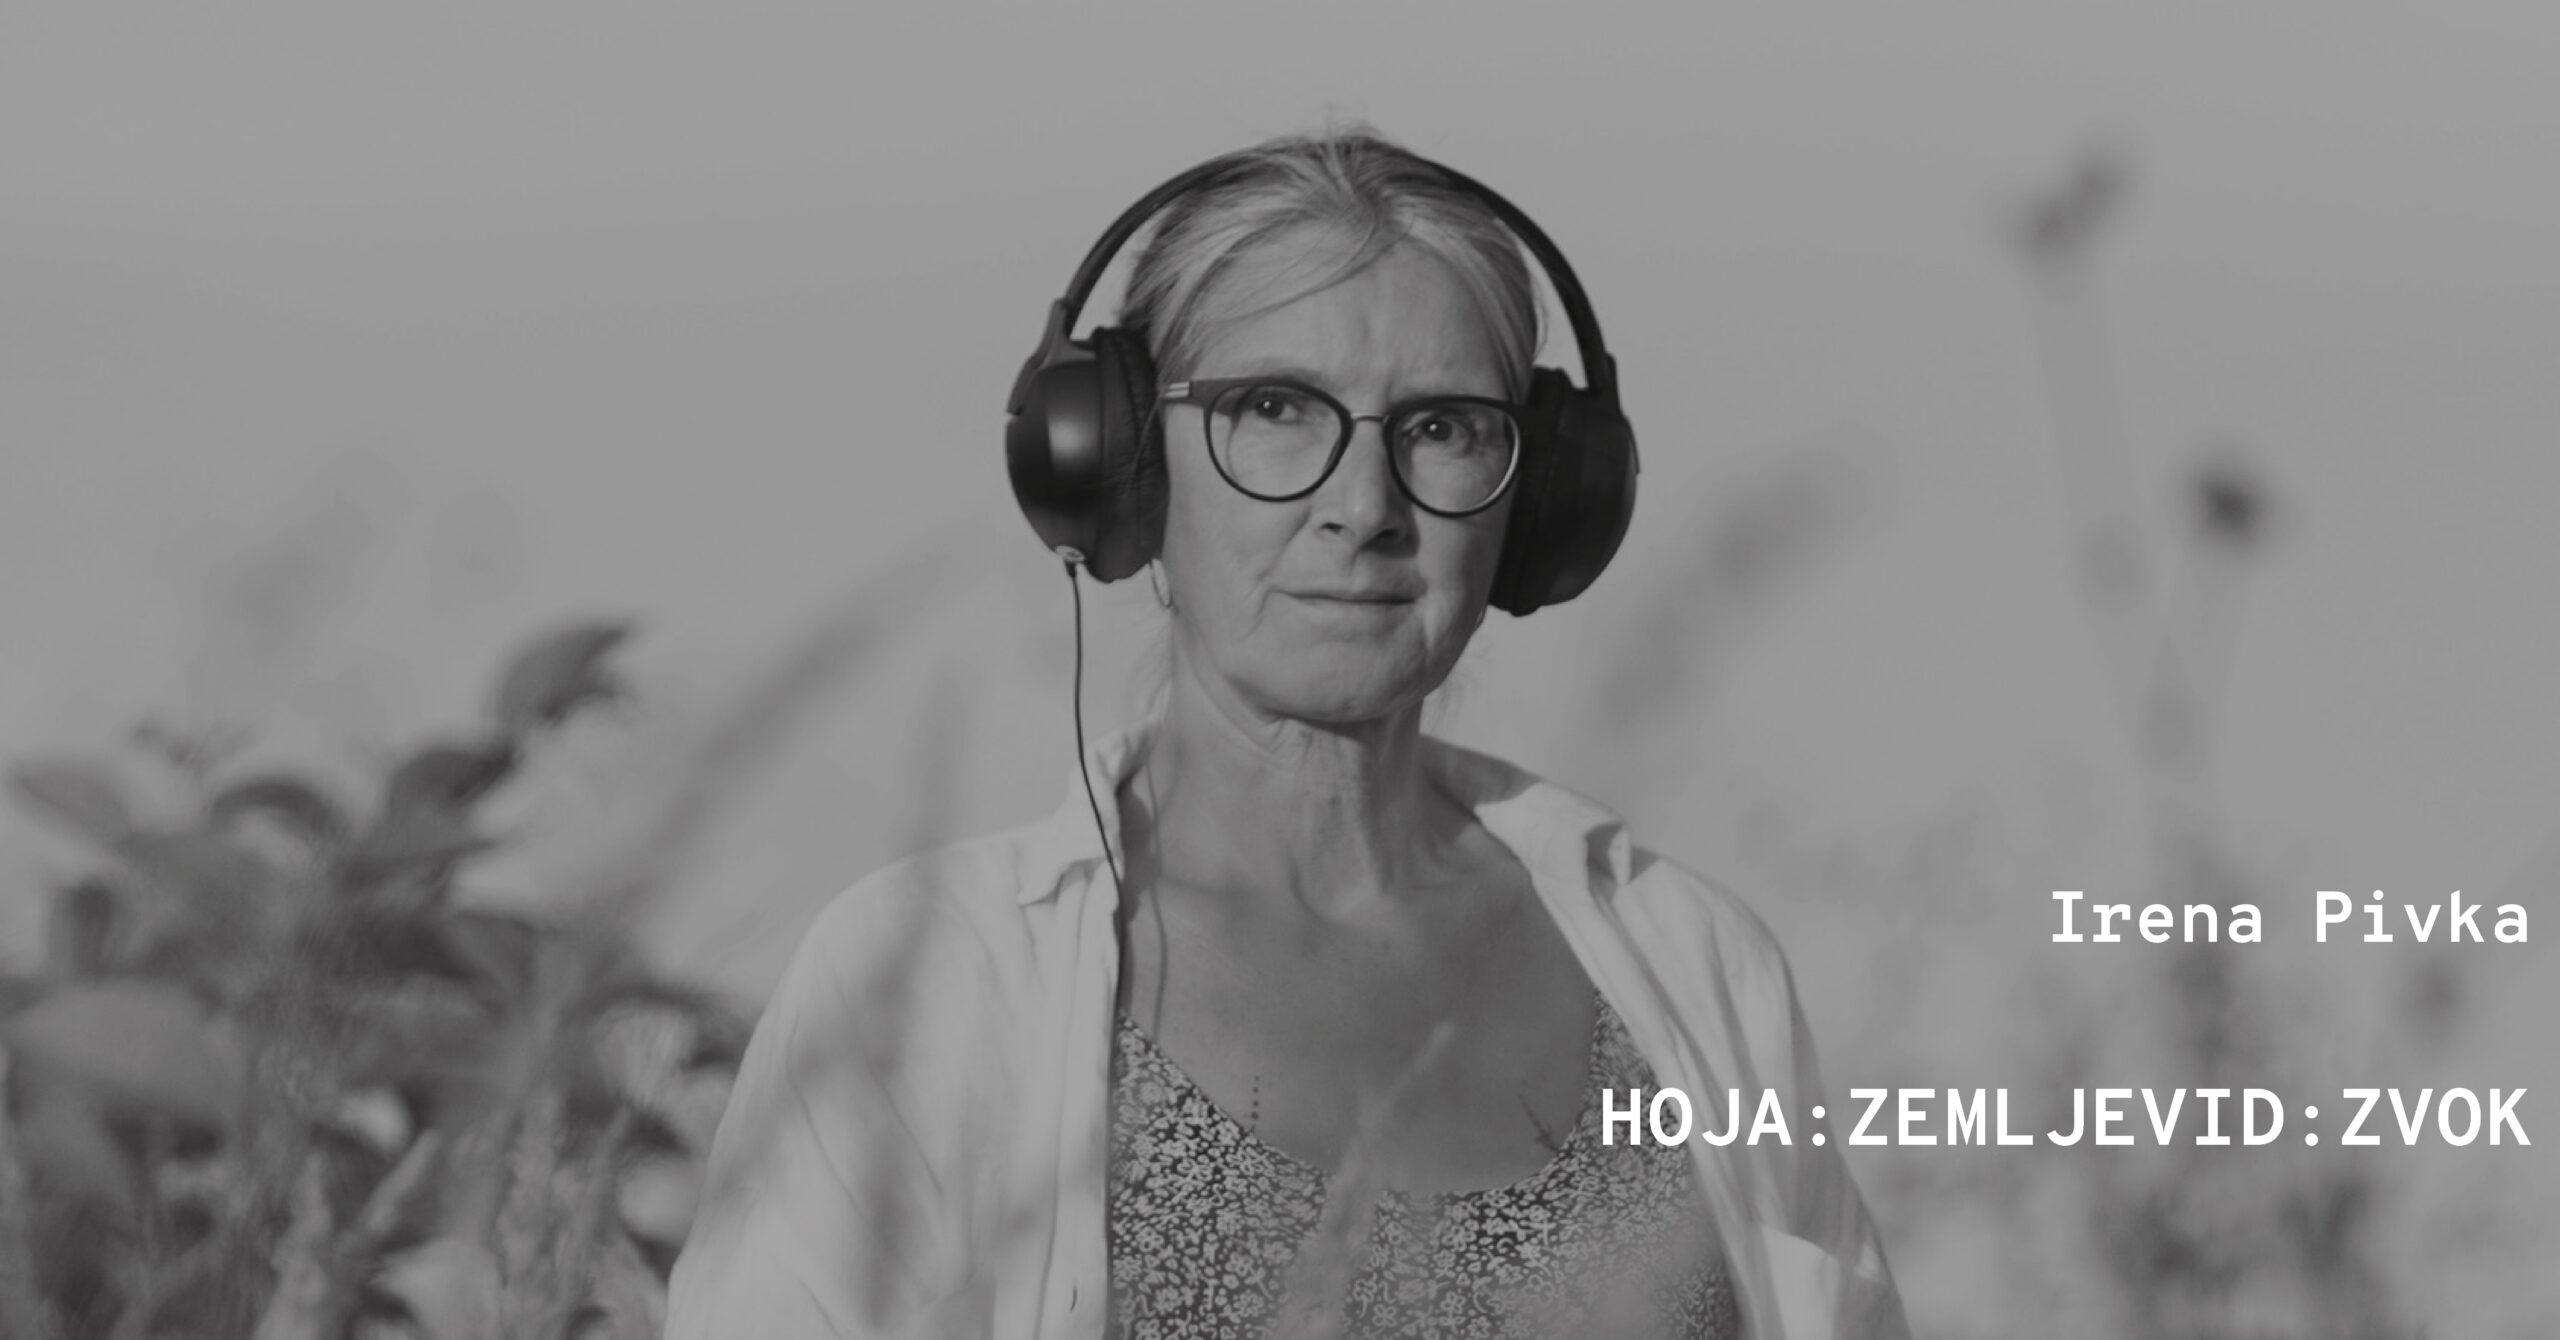 Topografije zvoka Irena Pivka